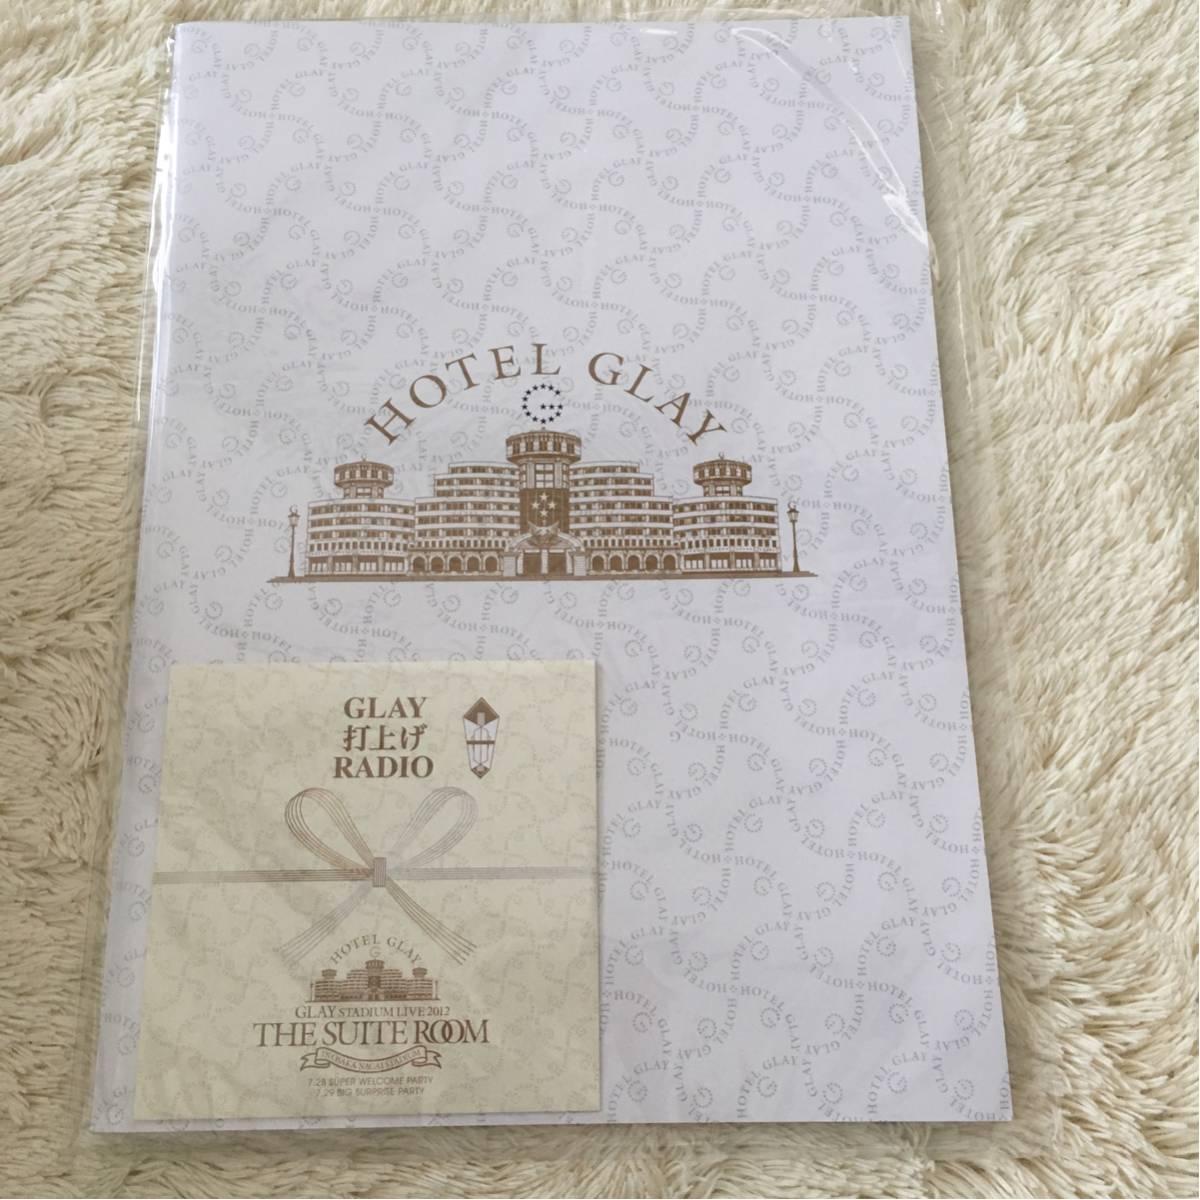 GLAY ツアーグッズ パンフレット HOTEL GLAY CD付き